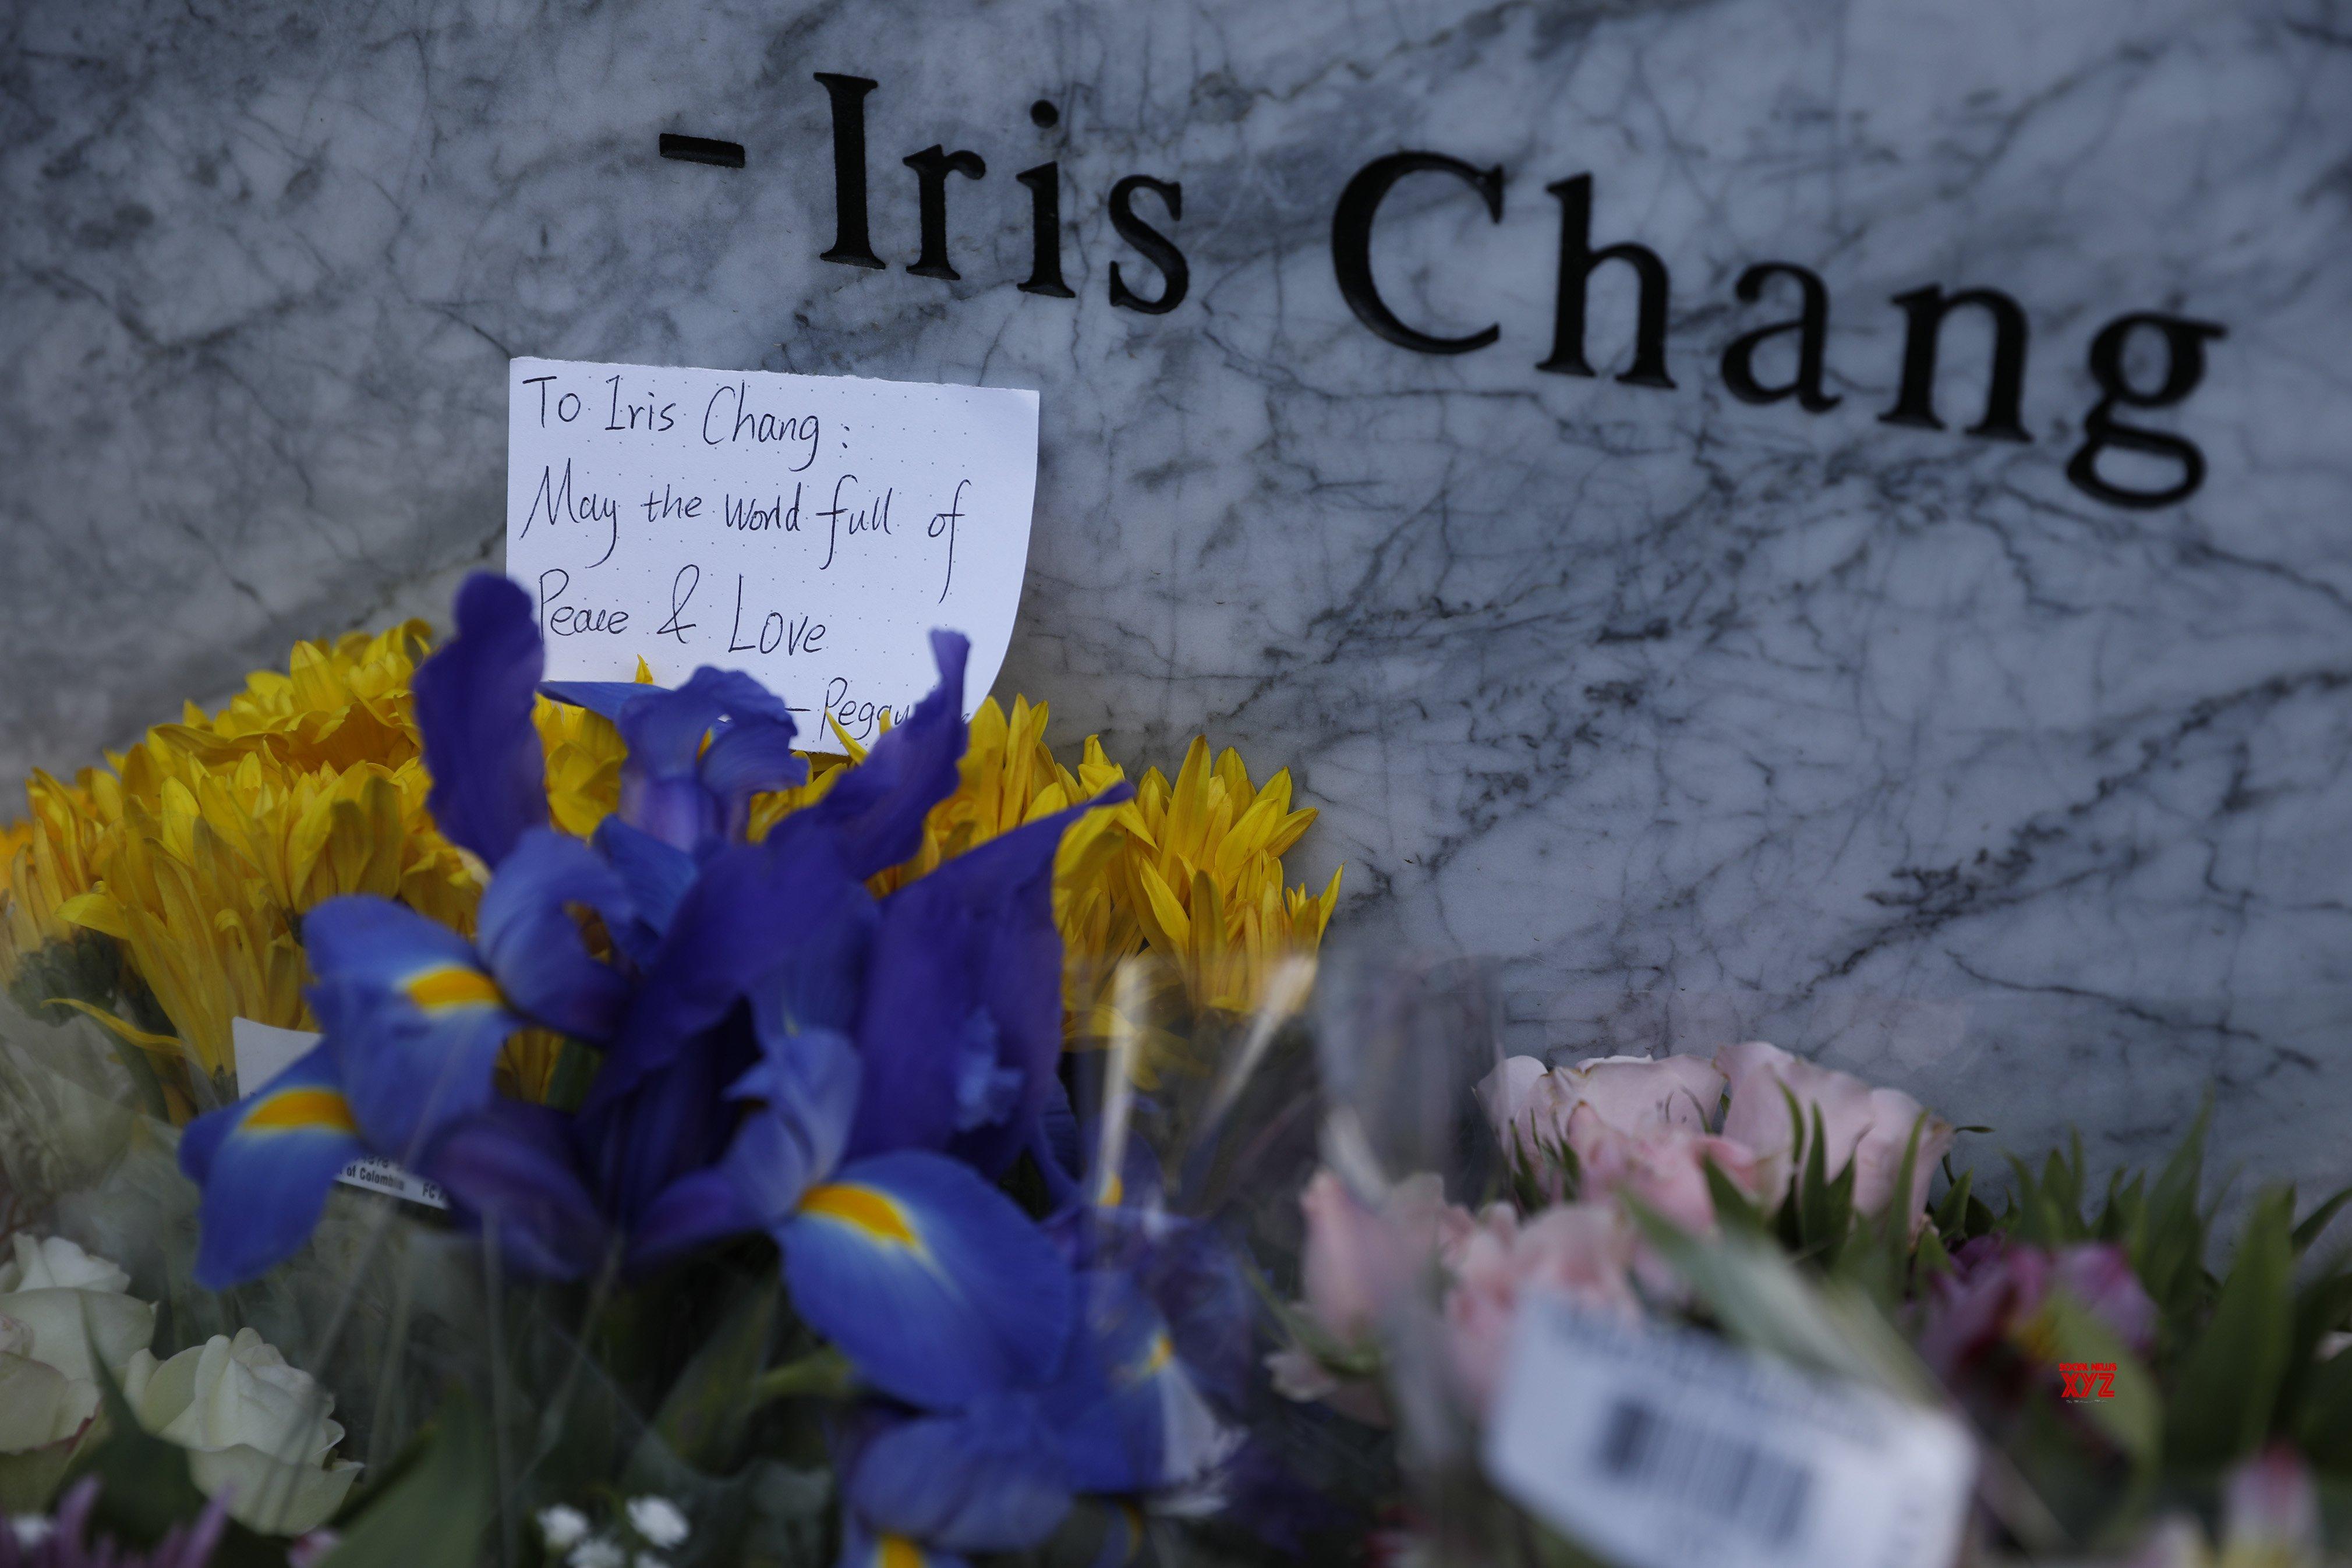 U.S. - CALIFORNIA - SAN JOSE - IRIS CHANG - MEMORIAL PARK #Gallery